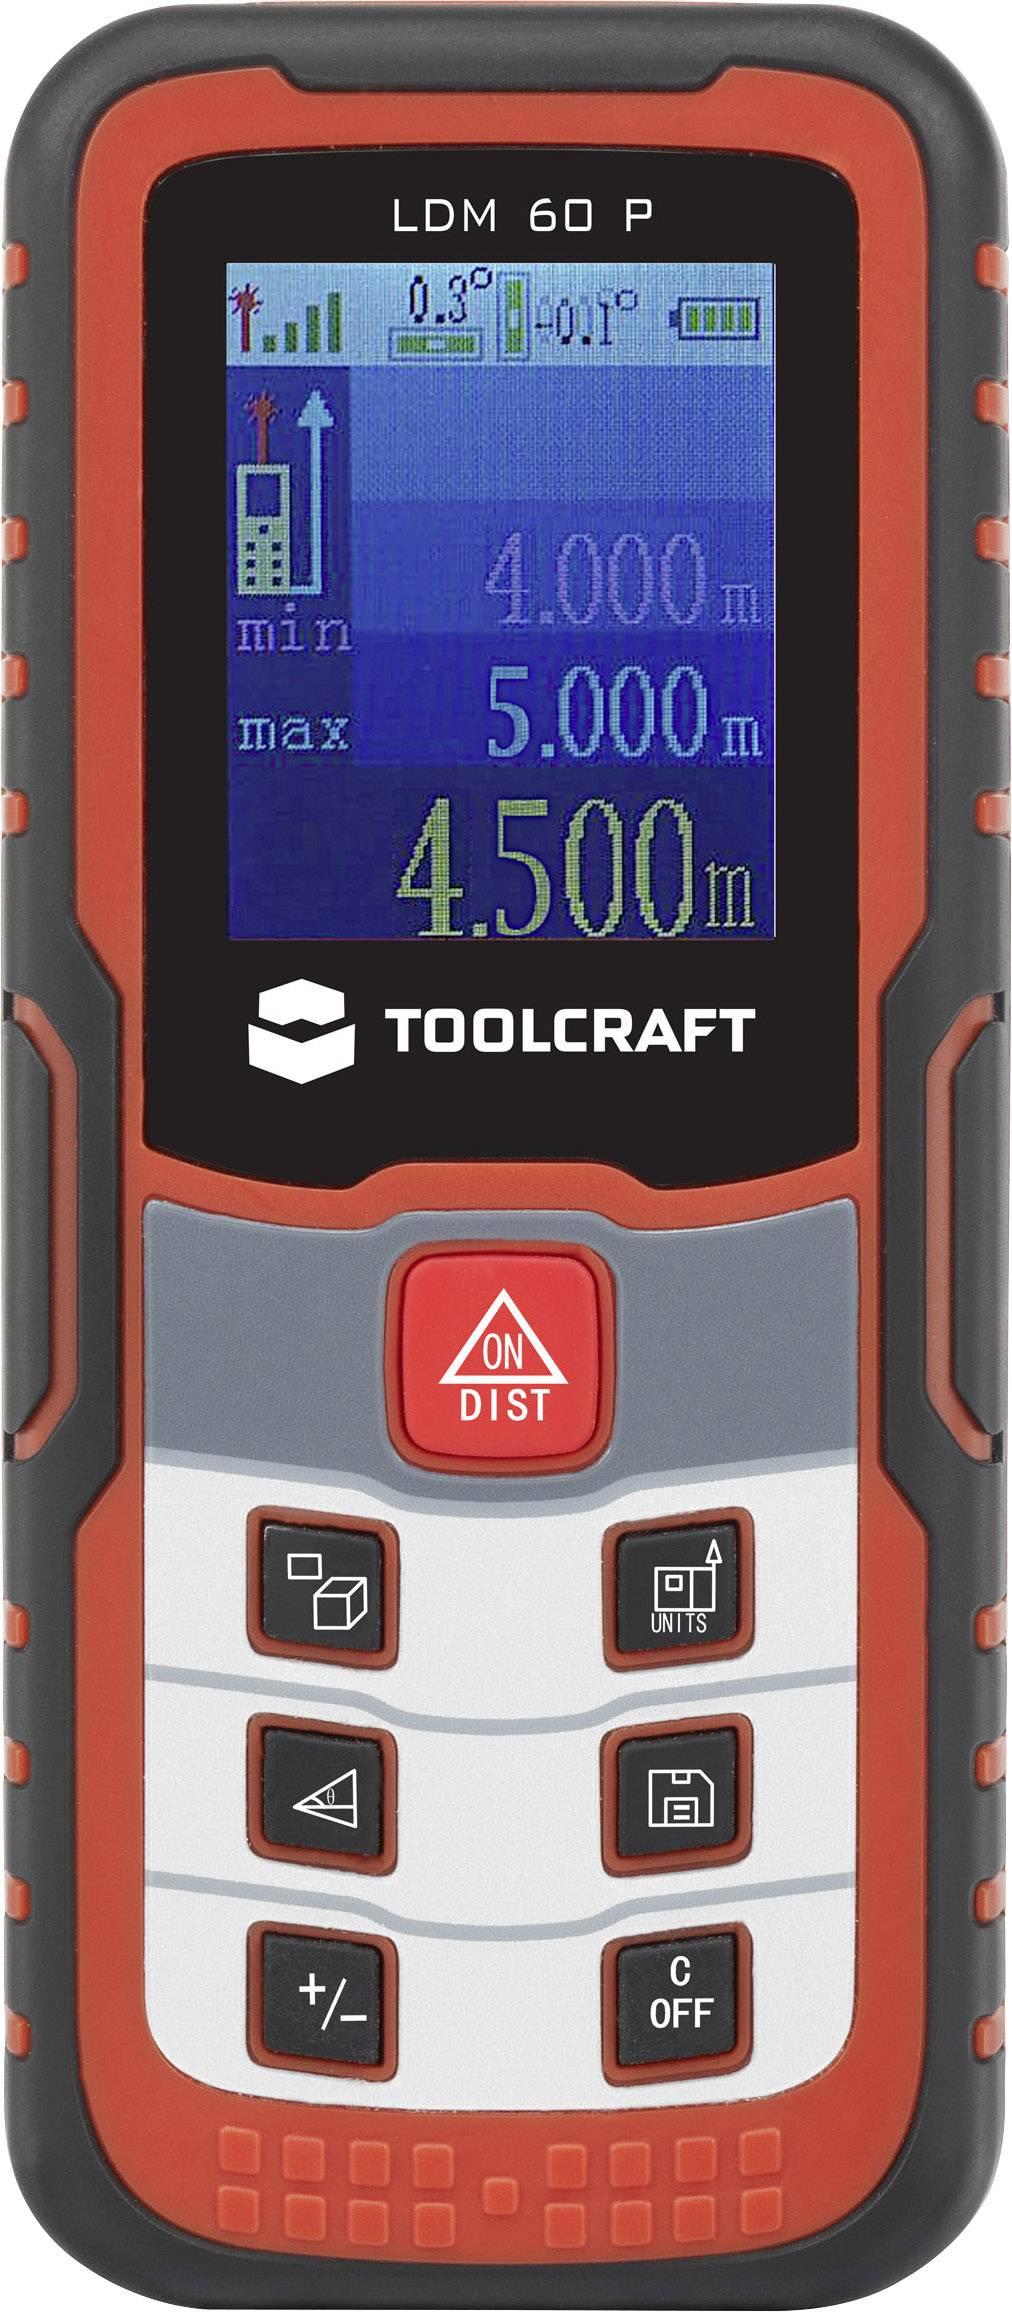 Laserový měřič vzdálenosti TOOLCRAFT LDM 60 J 1400305, rozsah měření (max.) 60 m